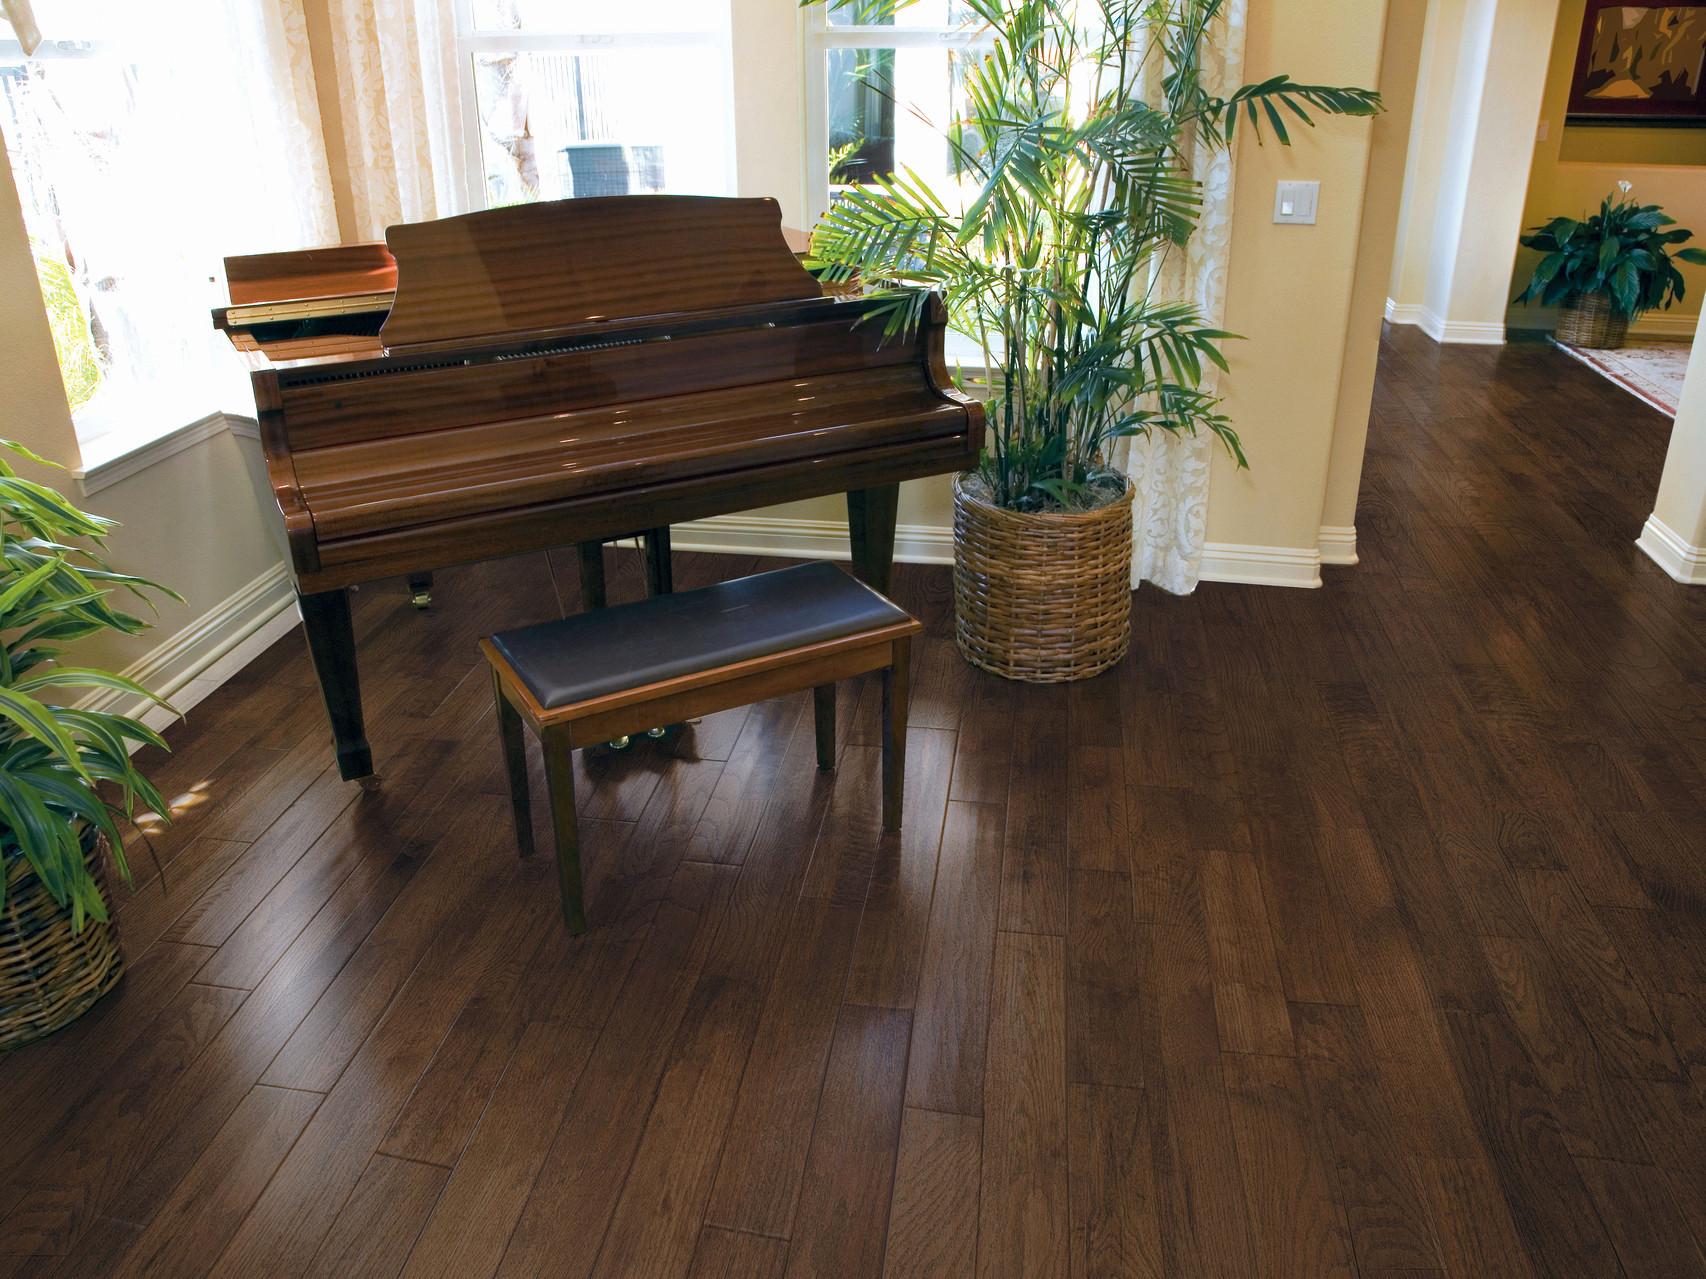 shaw hardwood flooring reviews of shaw laminate floor plan ideas throughout shaw laminate 50 fresh shaw laminate flooring reviews graphics 50 s